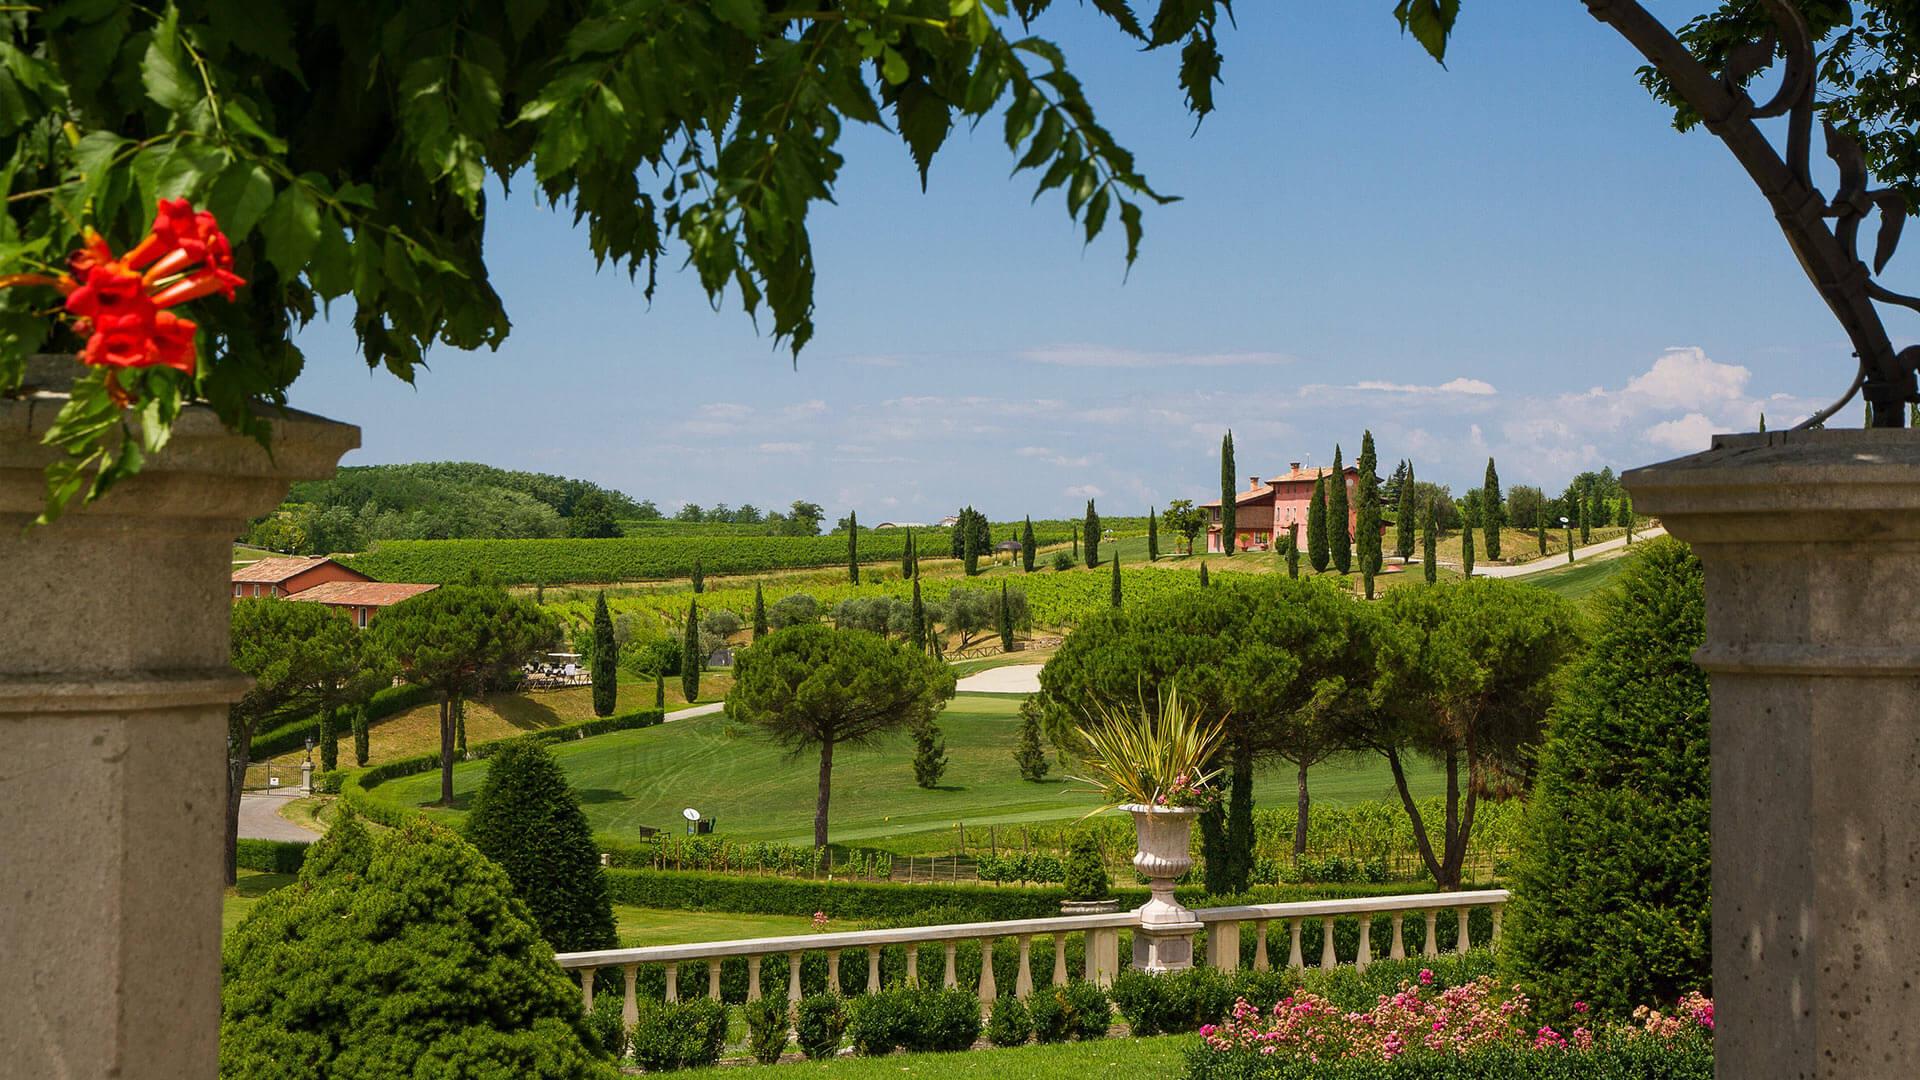 Friuli venezia giulia enogastronomica wine tour italia for Progettazione giardini friuli venezia giulia